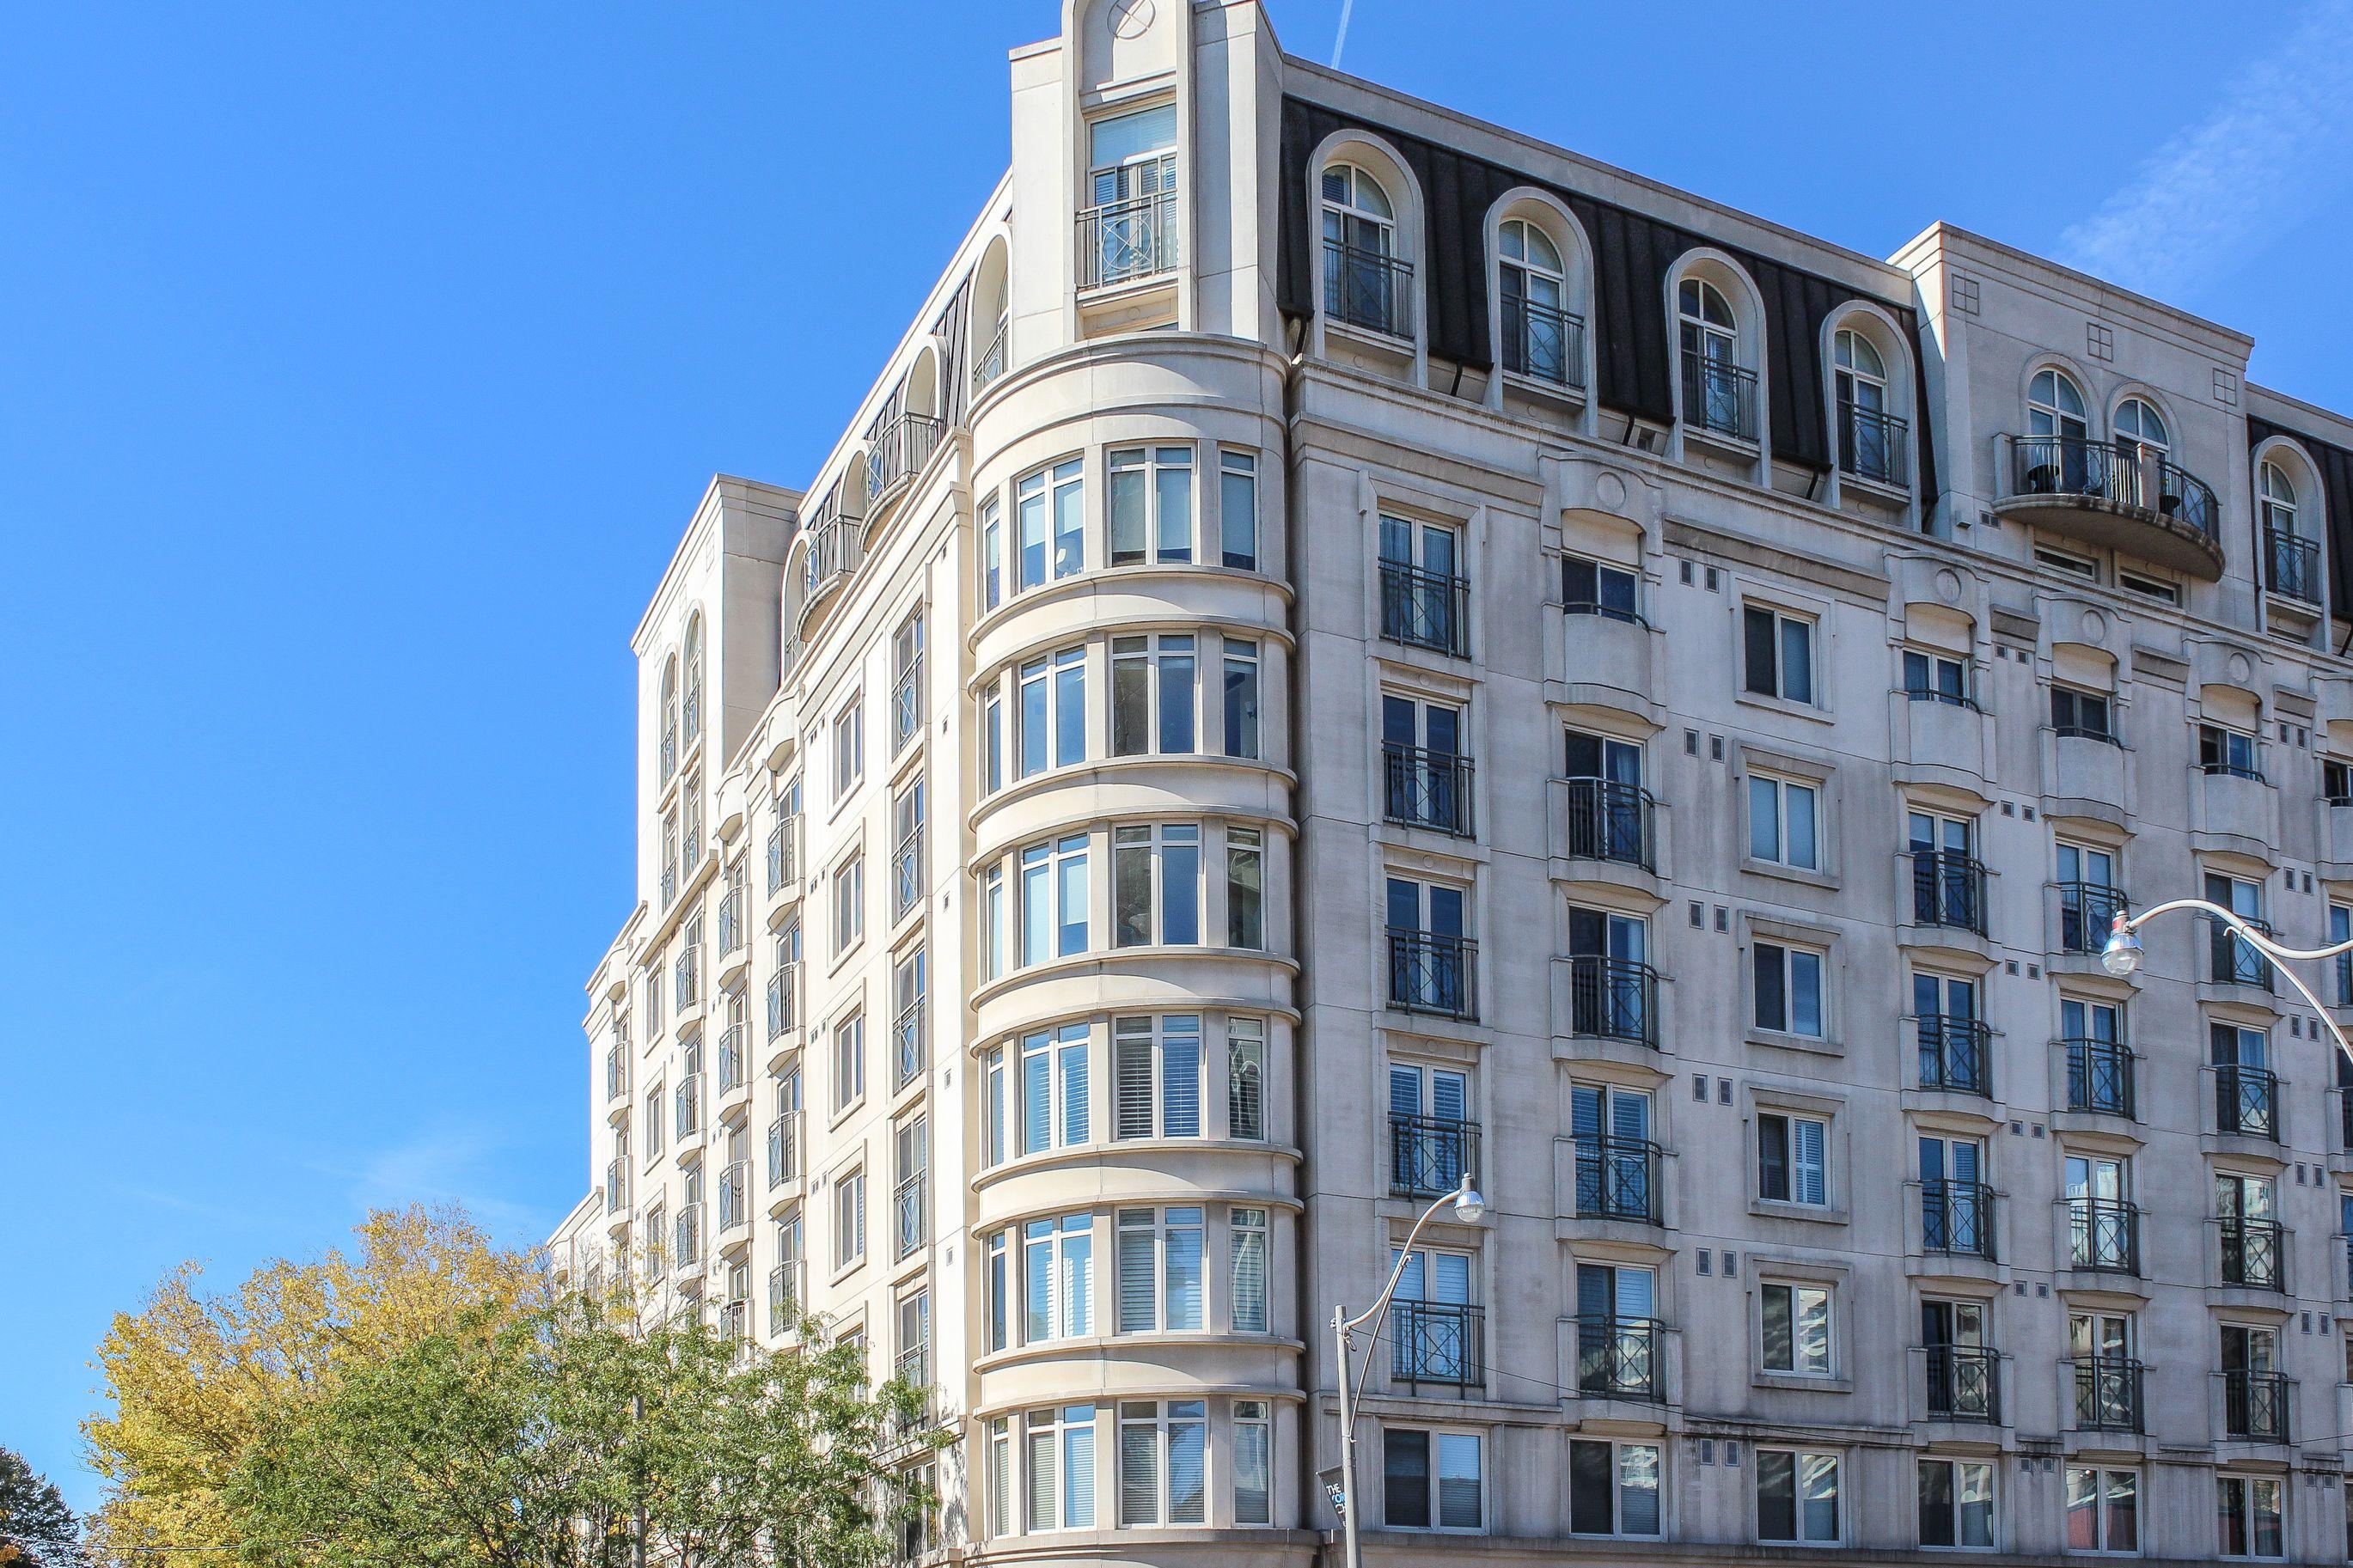 International Real Estate Platform | Overseas Property For Sale | blogger.com